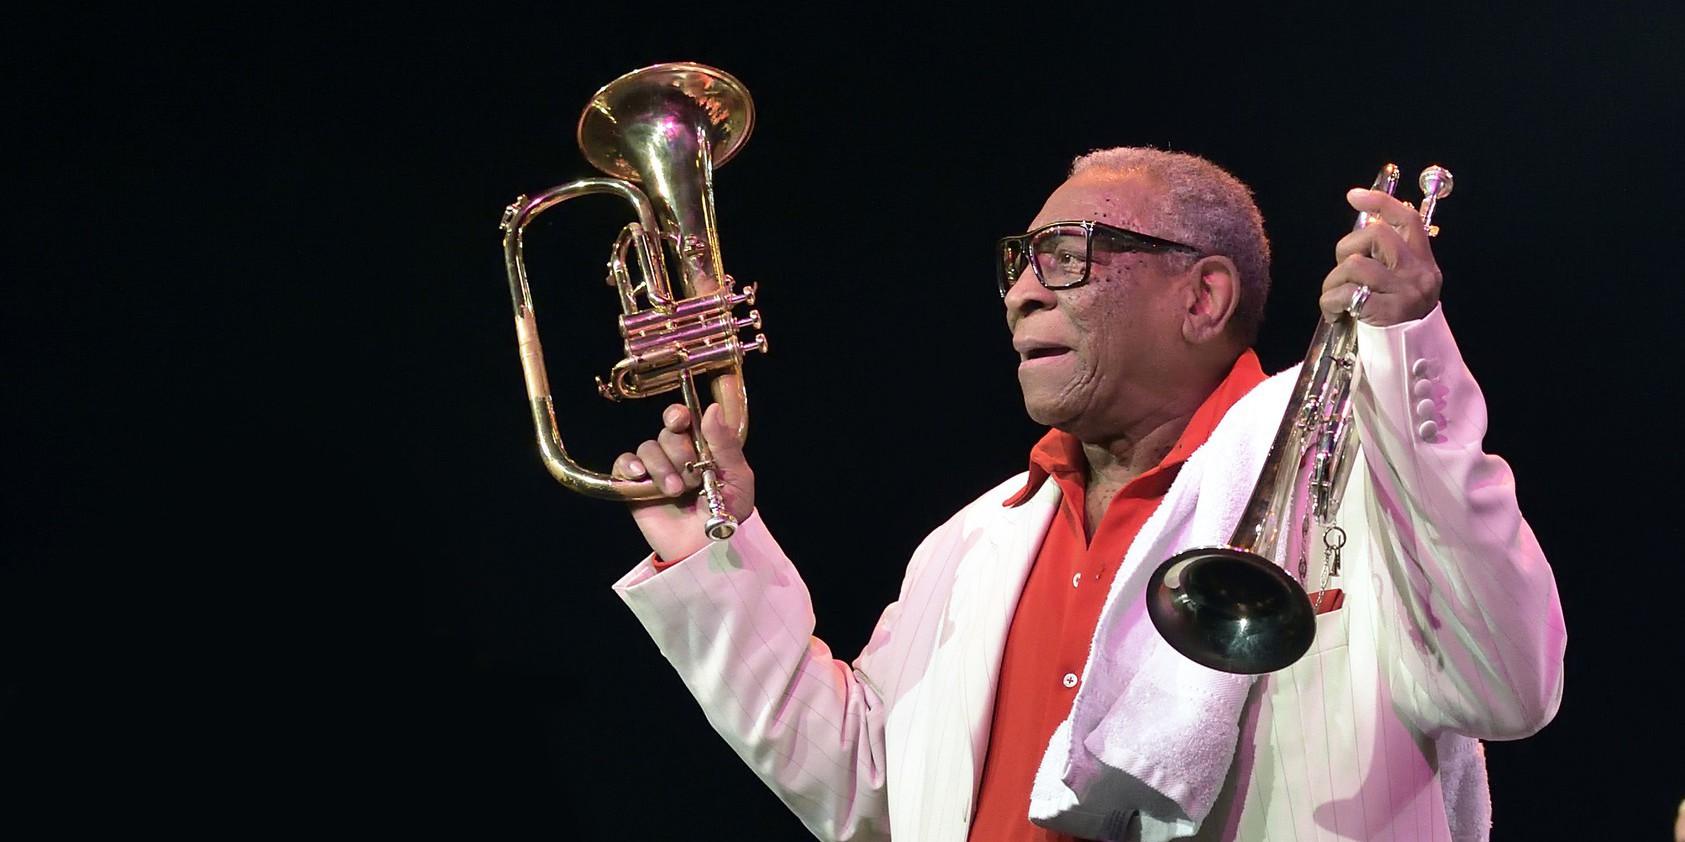 Le célèbre trompettiste cubain Ernesto Tito Puentes décédé ce jeudi matin à Montpellier à l'age de 88 ans. /Photo: Culturebox